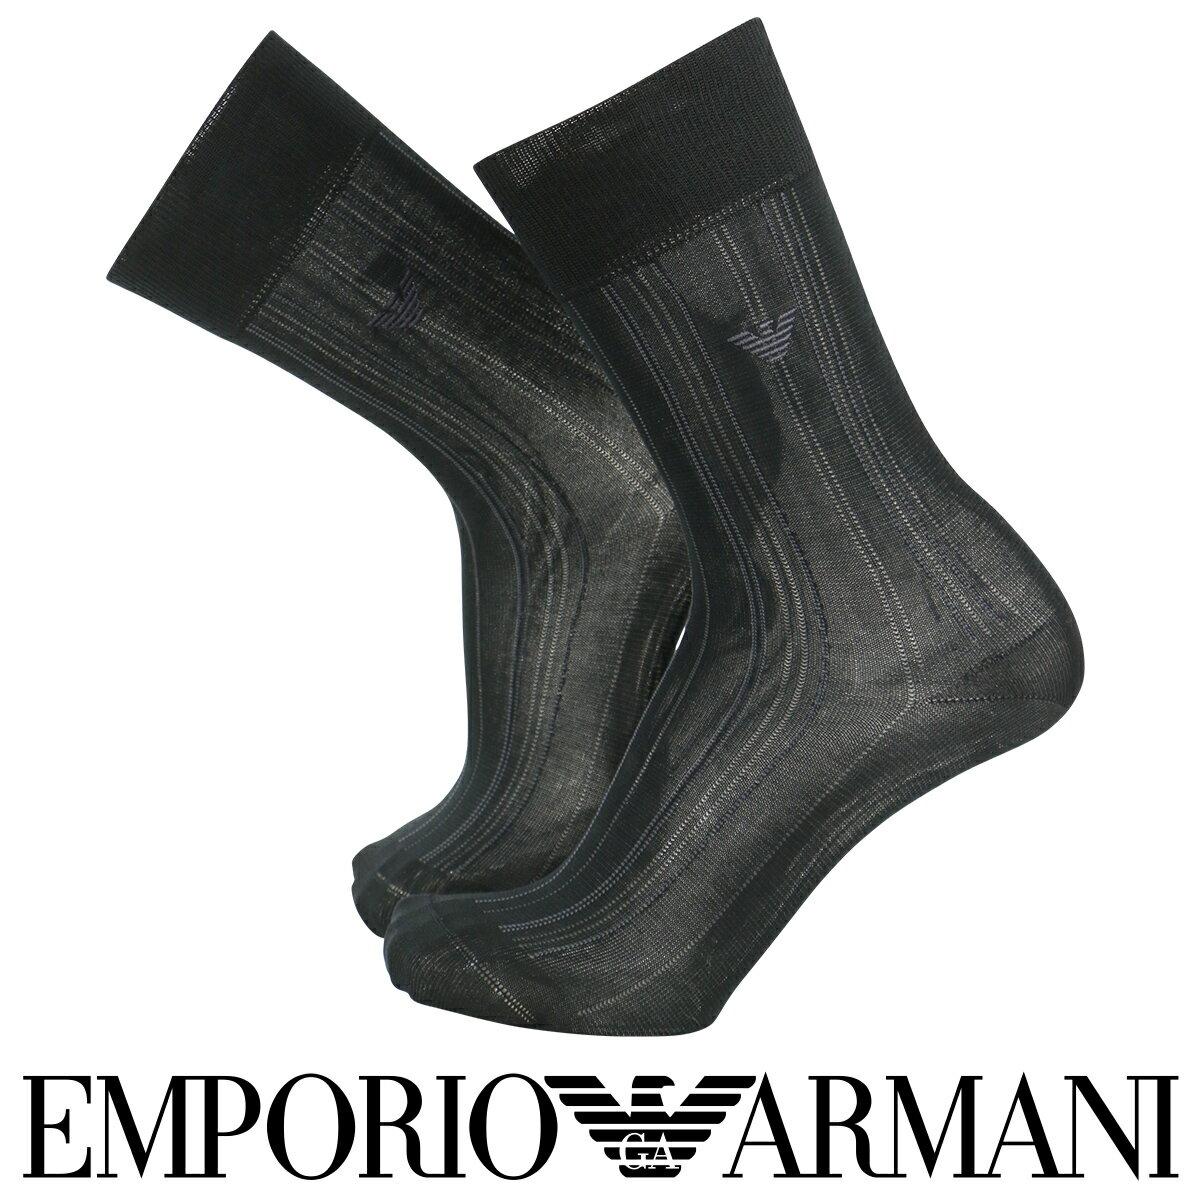 EMPORIO ARMANI ( エンポリオ アルマーニ ) 抗菌・防臭 綿混 メンズ ソックス 靴下 ロゴ刺繍 ストライプ クルー丈 ビジネスソックス男性 メンズ プレゼント 贈答 ギフト2312-375ポイント10倍